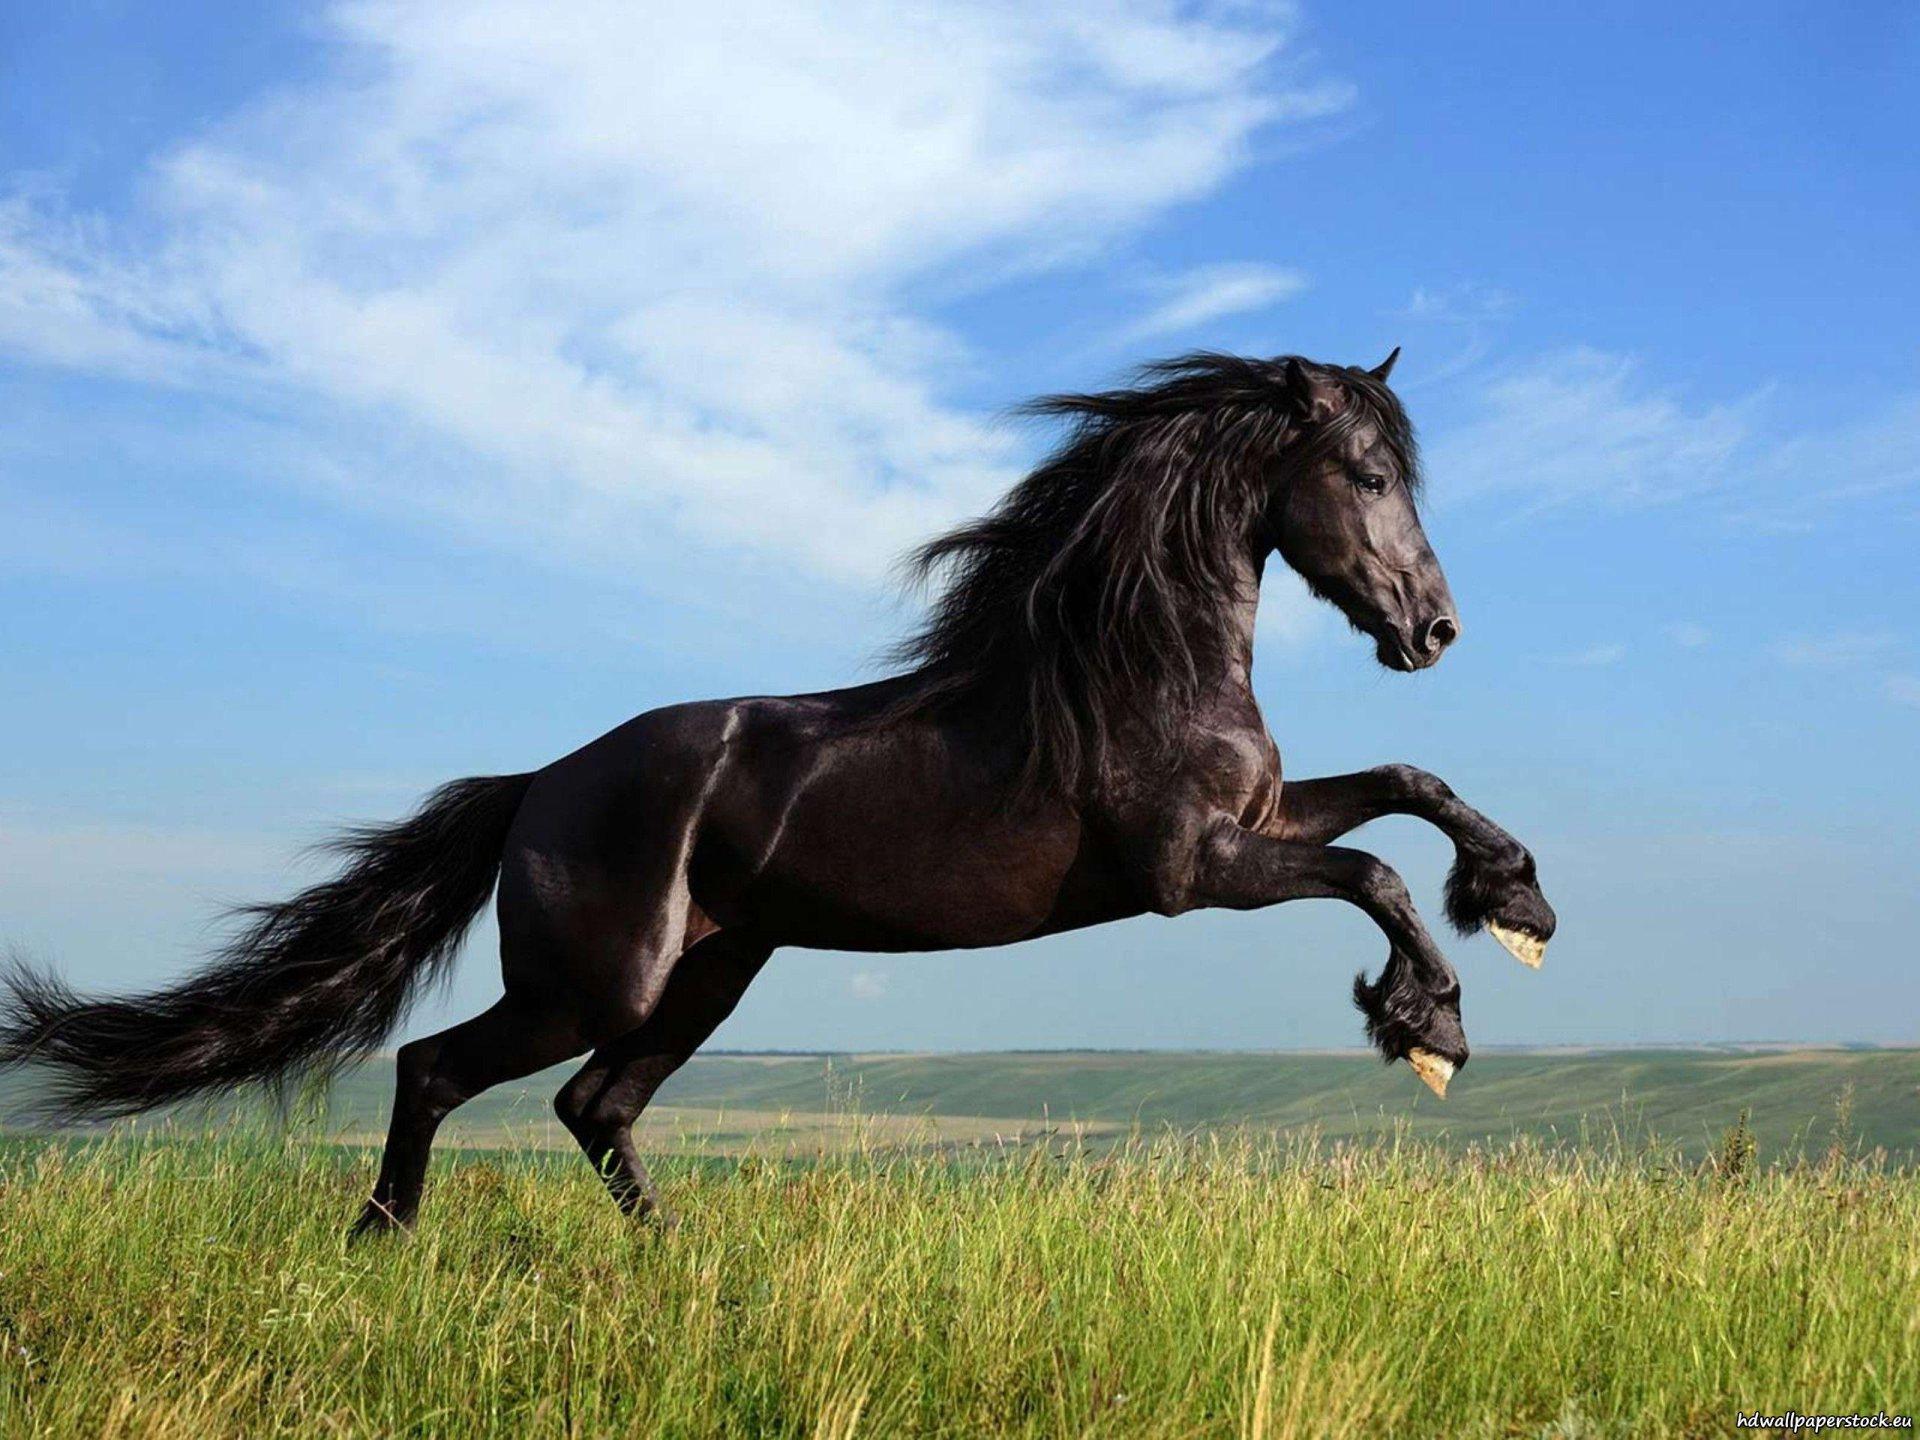 Horse Jumping Desktop Wallpaper wallpaper wallpaper hd 1920x1440